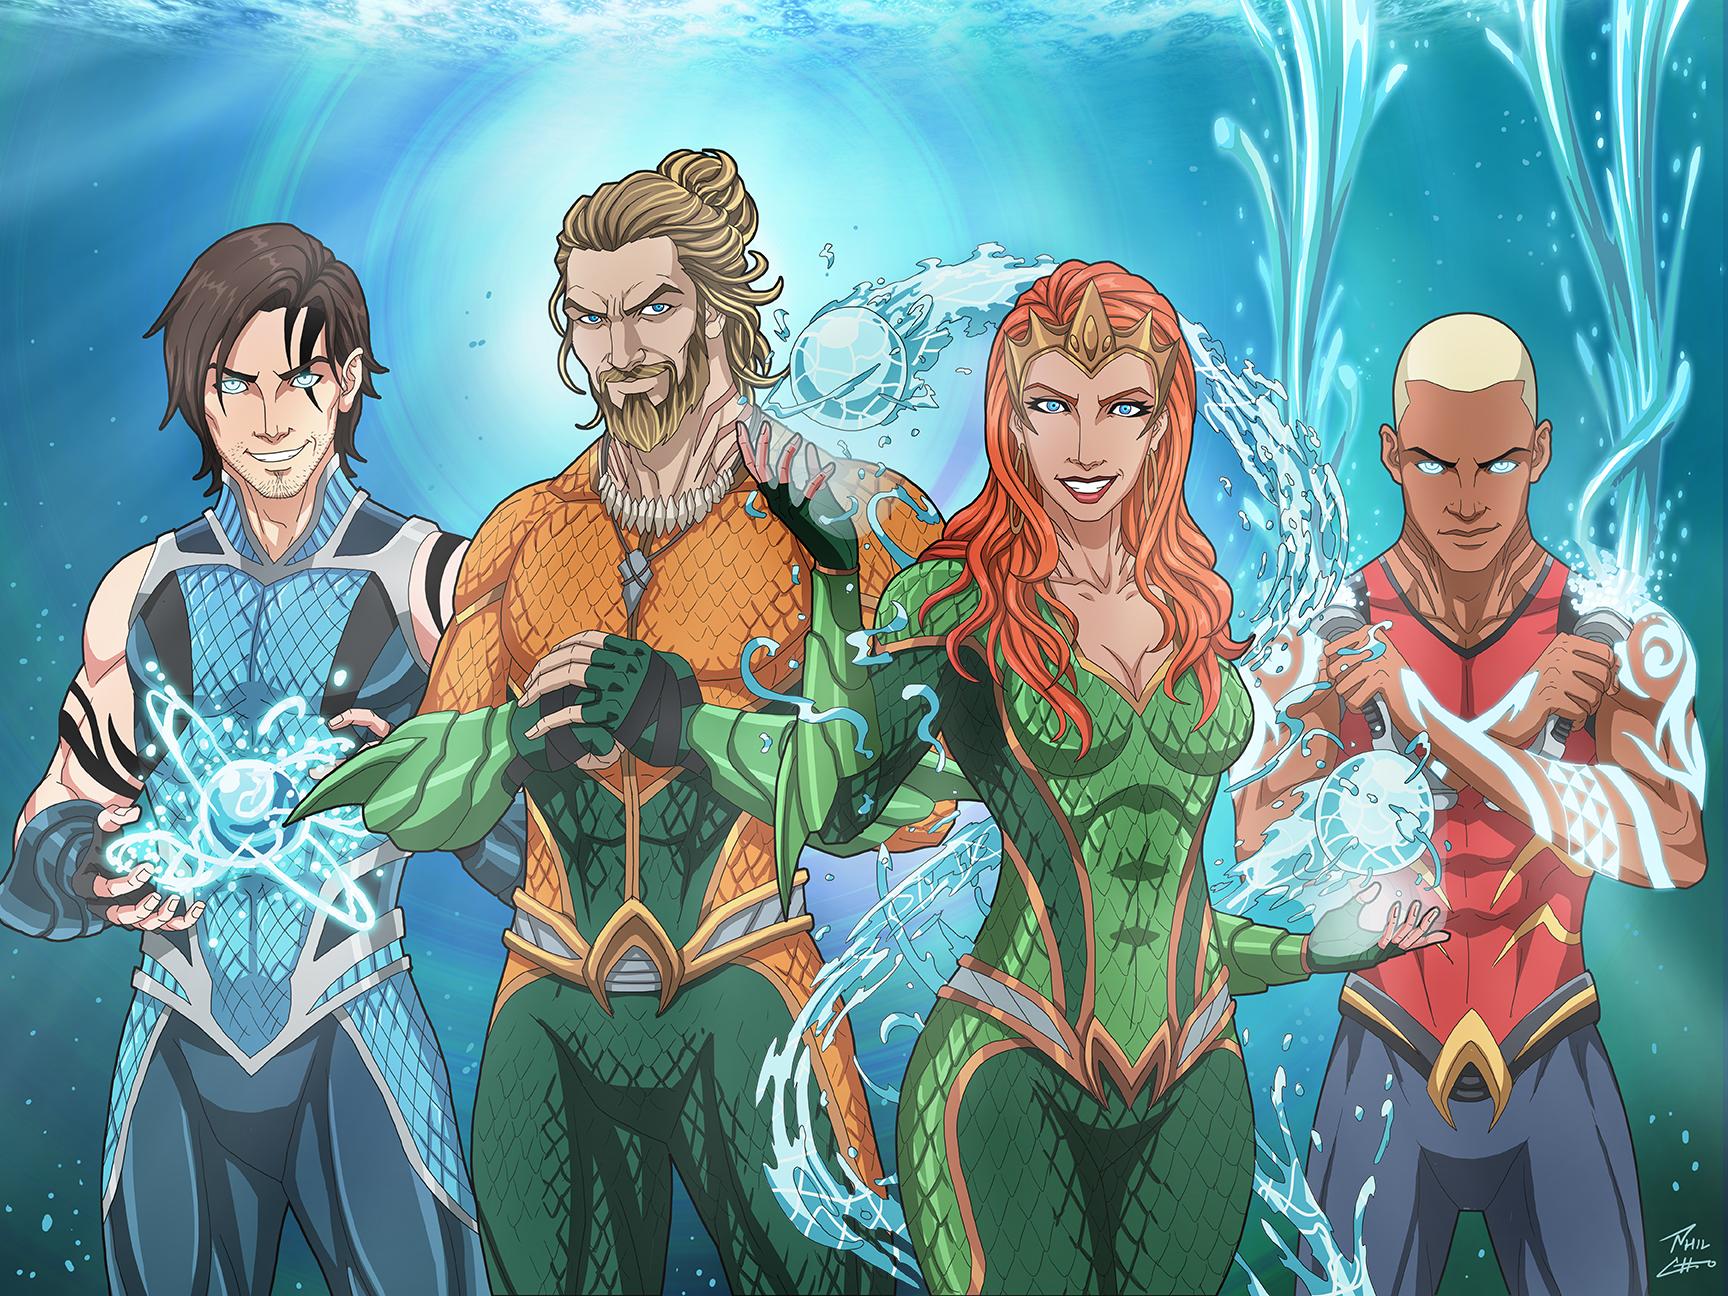 Tempest, Aquaman, Mera, Aqualad